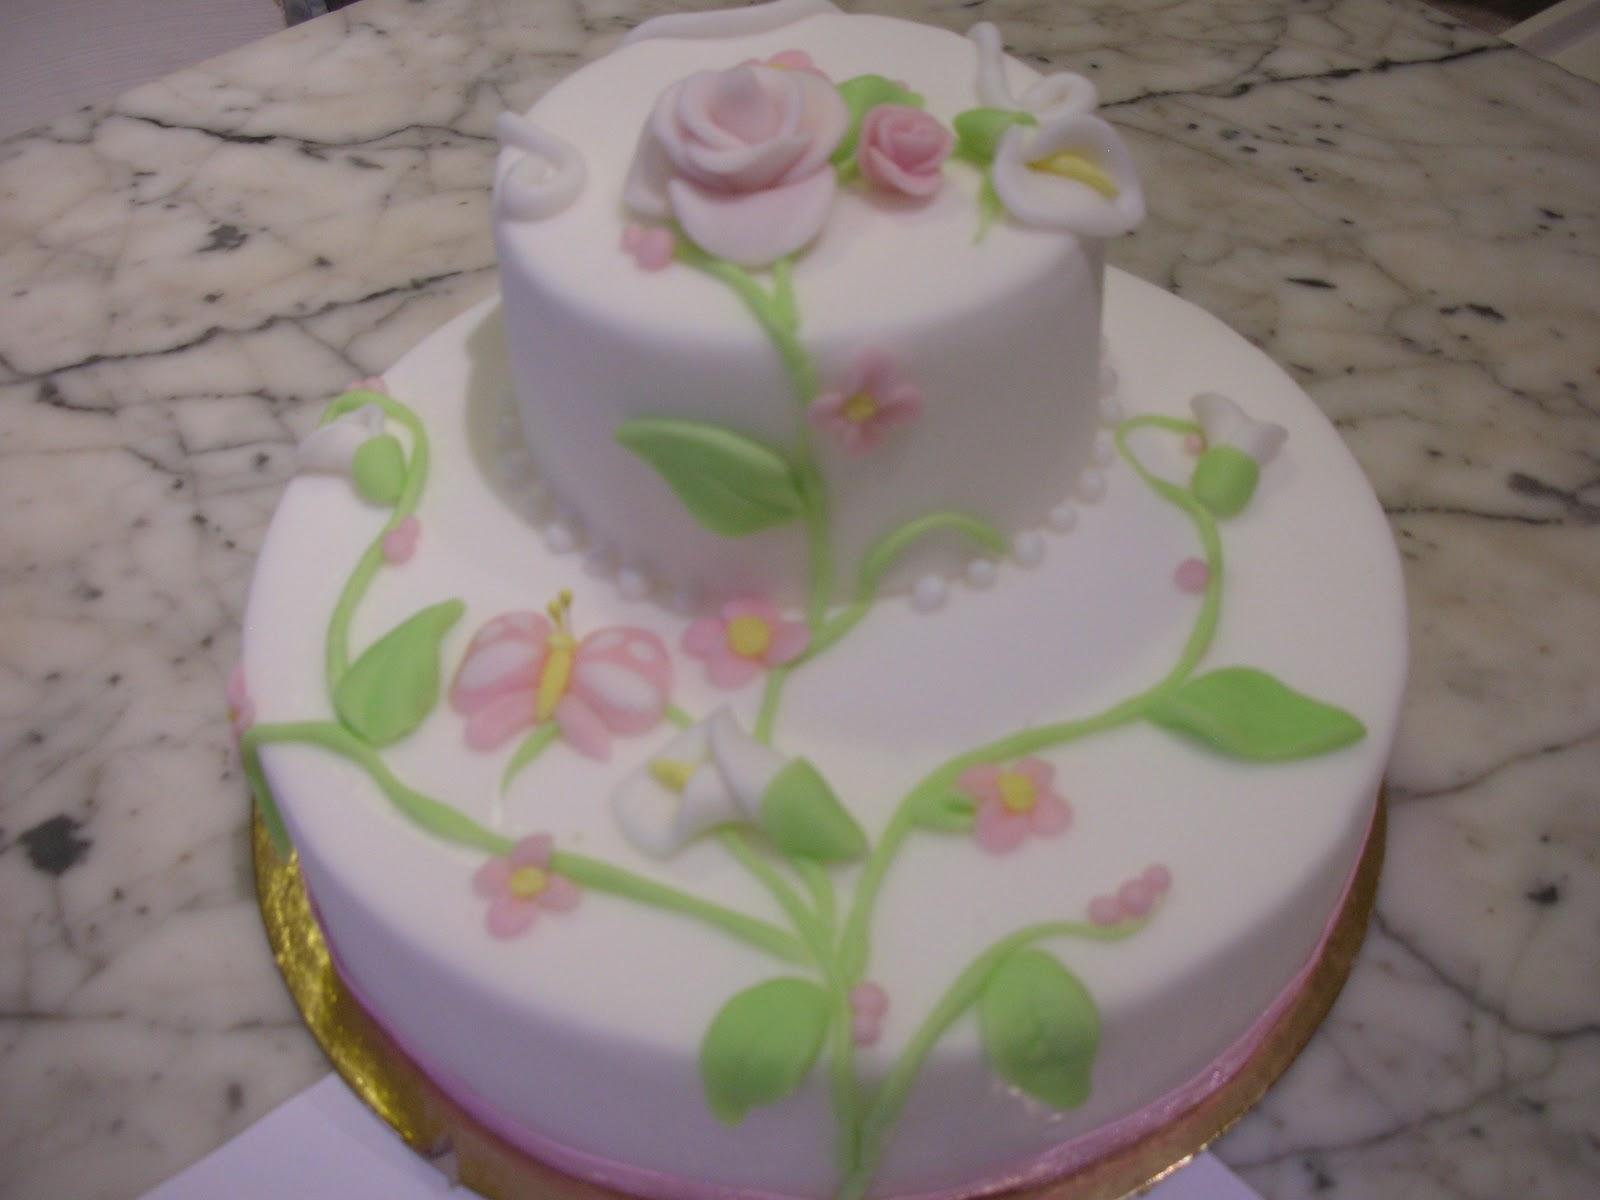 Corso Di Cake Design Ragusa : Agofollia...handmade with Love: Corso di cake design!!